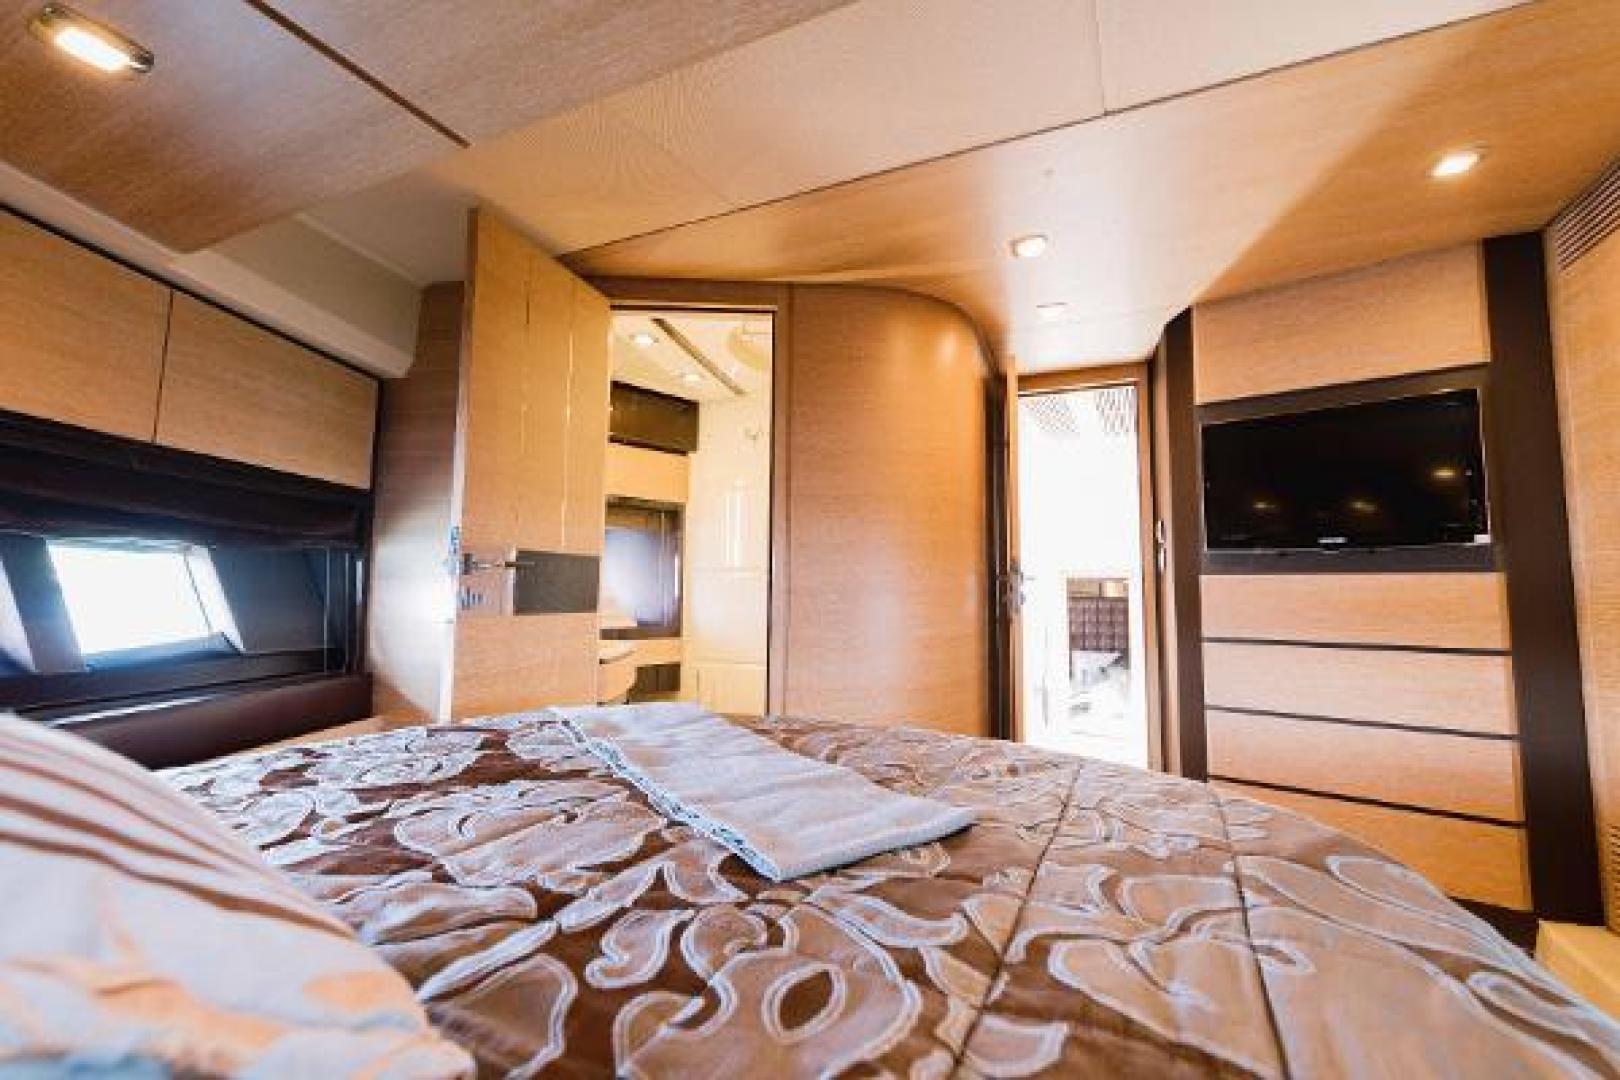 Azimut-Flybridge 2011 -Fort Lauderdale-Florida-United States-1195776 | Thumbnail